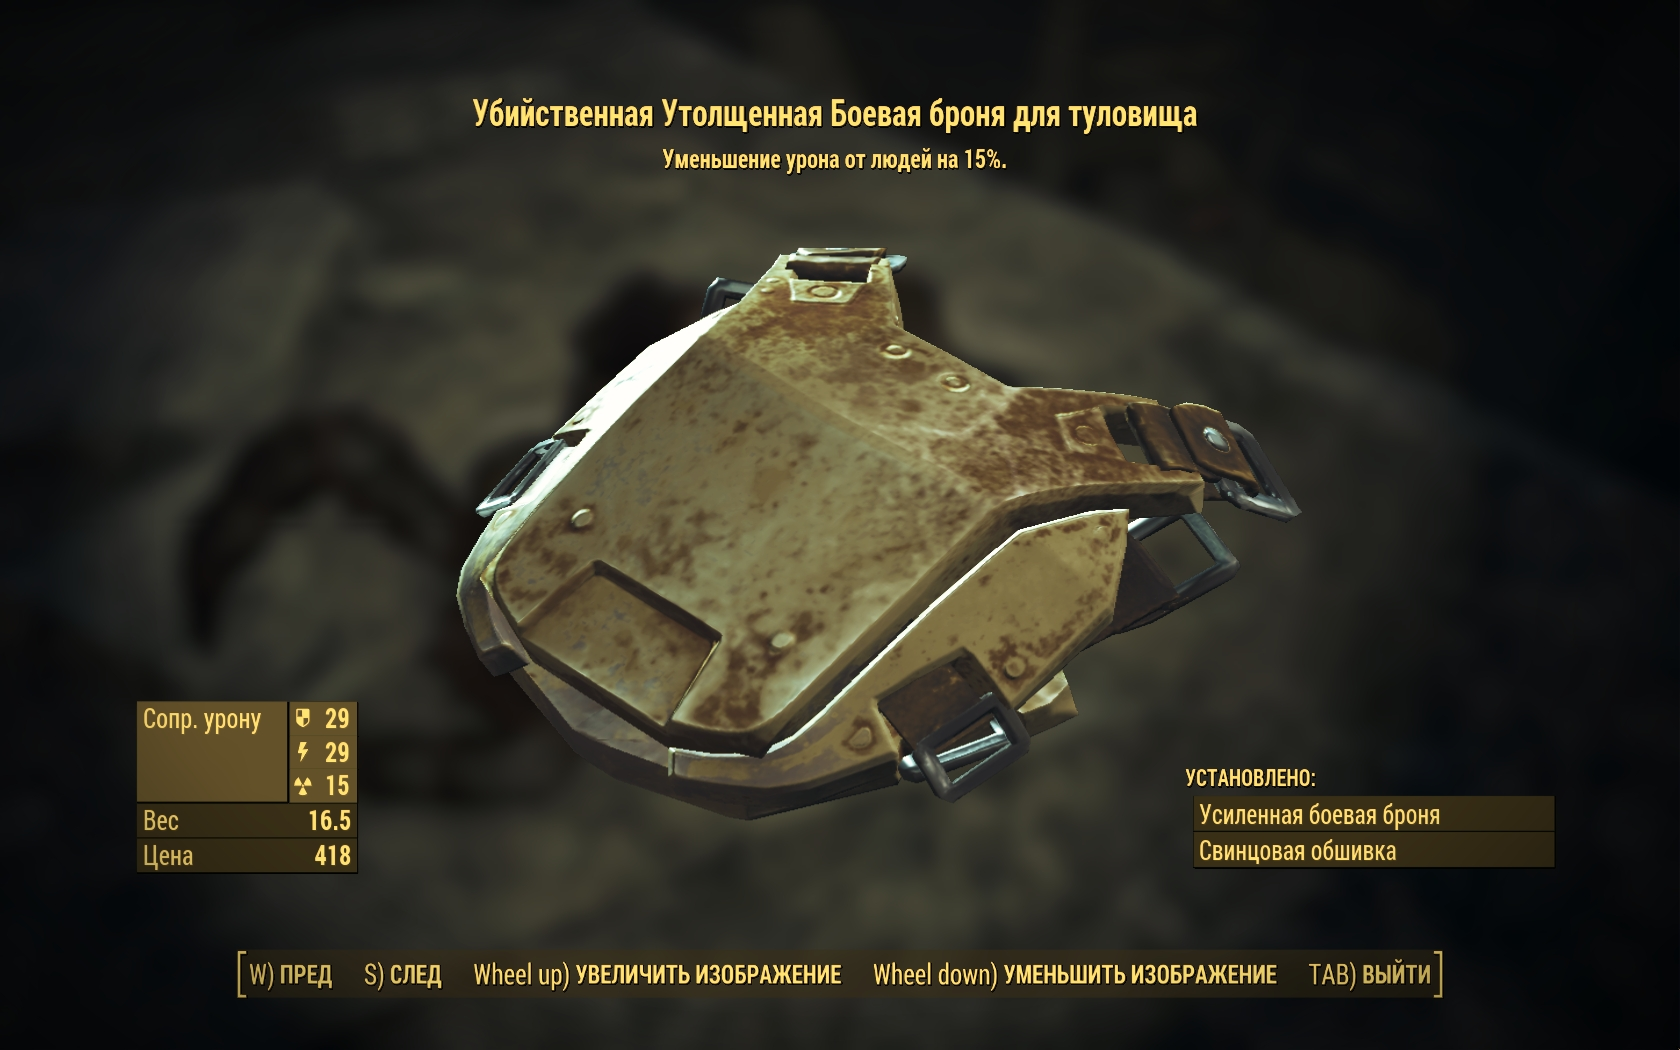 Убийственная утолщённая боевая броня для туловища - Fallout 4 броня, Одежда, Убийственная, утолщённая